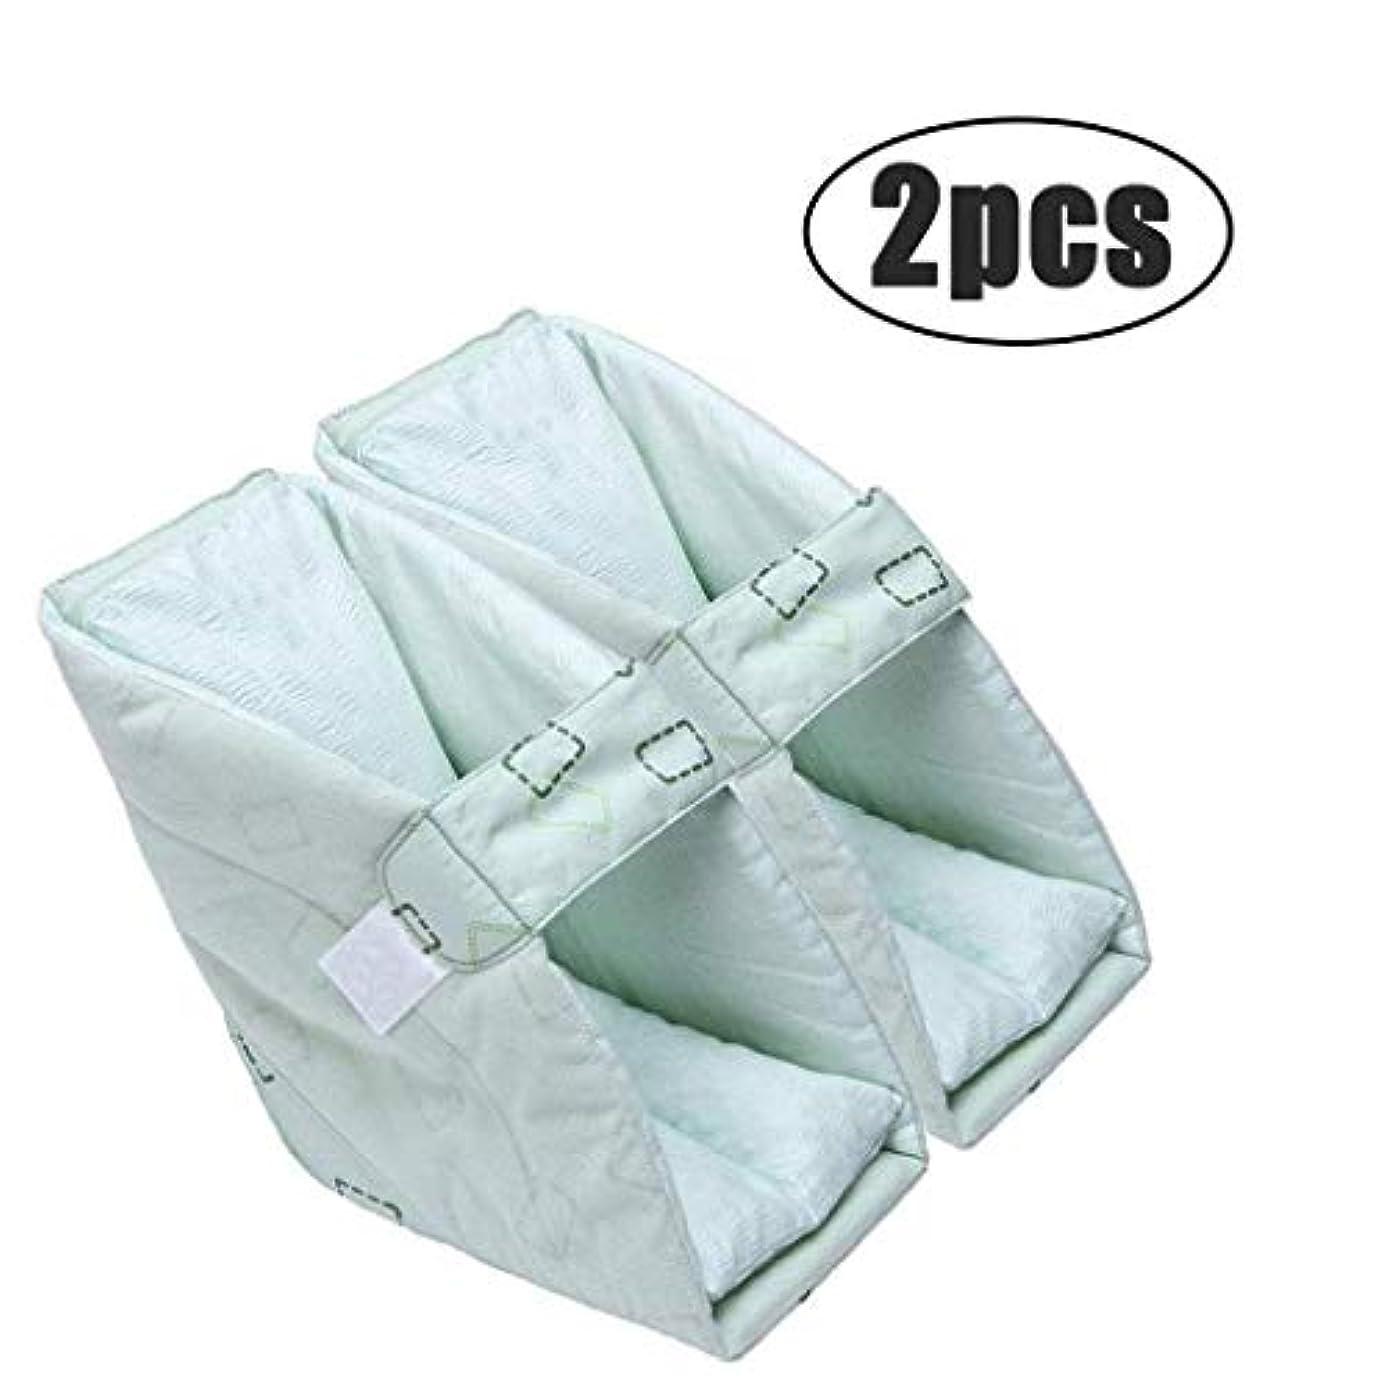 反動宅配便重力TONGSH 足の枕、かかとのプロテクター、かかとのクッション、かかとの保護、効果的なPressure瘡およびかかとの潰瘍の救済、腫れた足に最適、快適なかかとの保護の足の枕 (Size : 2pcs)